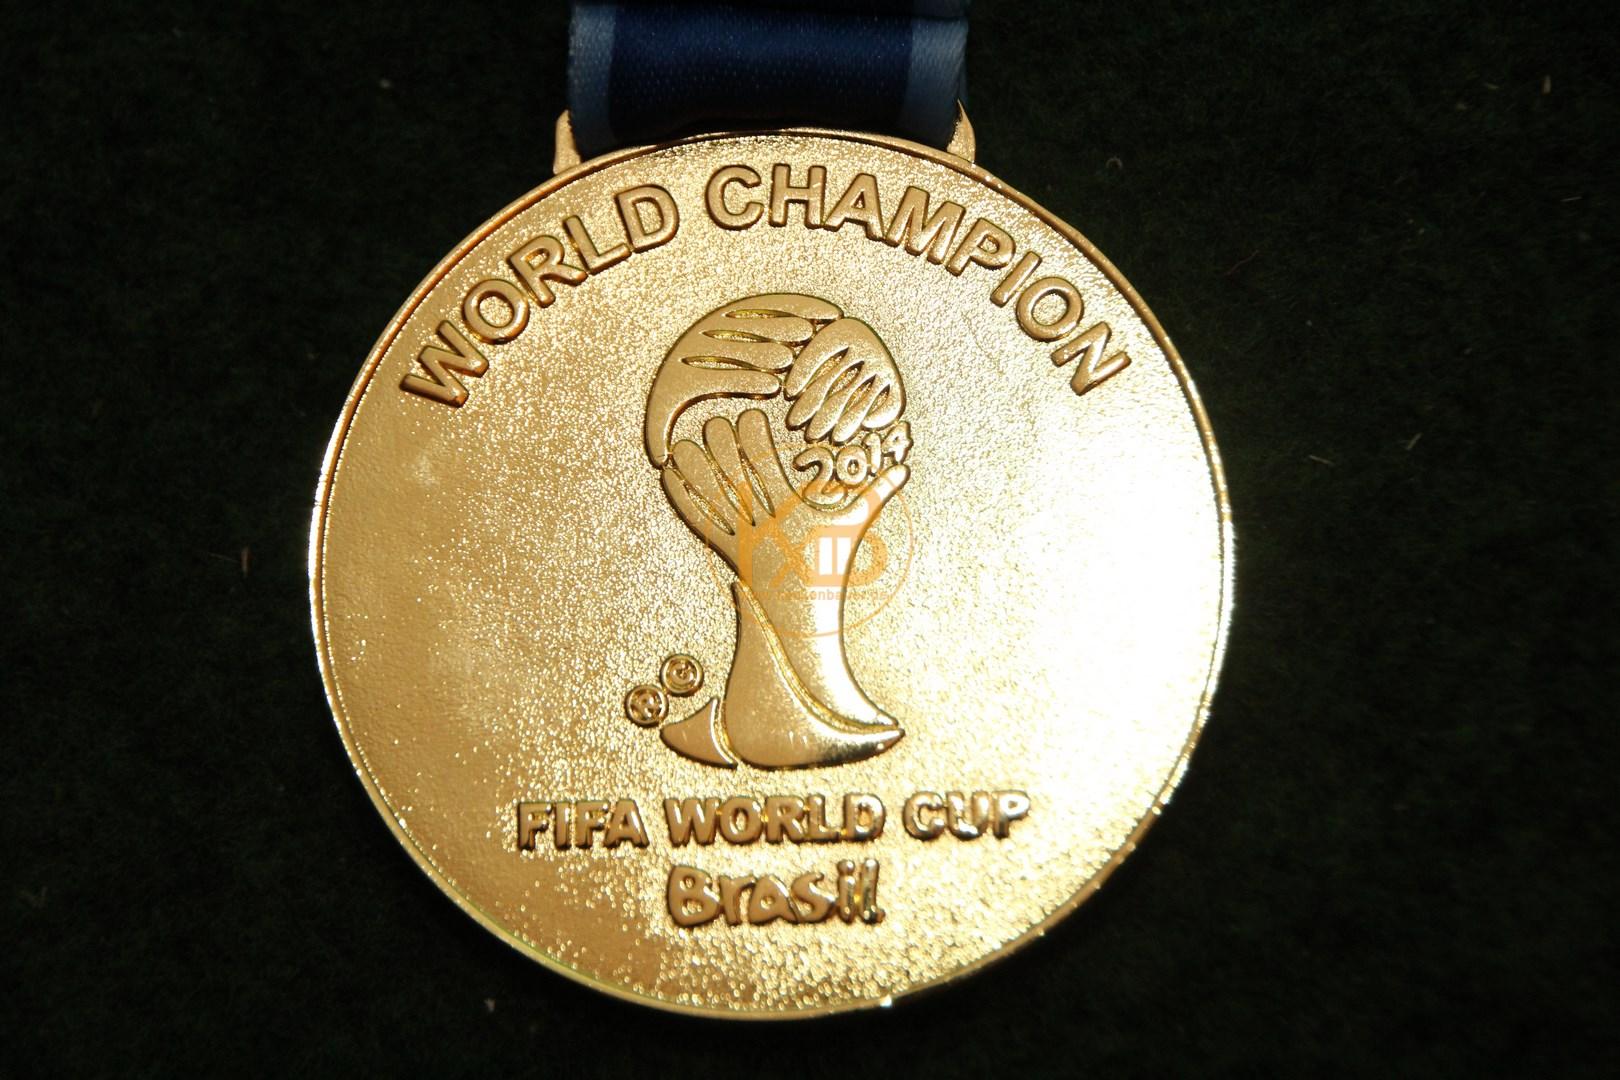 Gewinner Medaille von der Fussball Weltmeisterschaft 2014 in Brasilien. 3/3